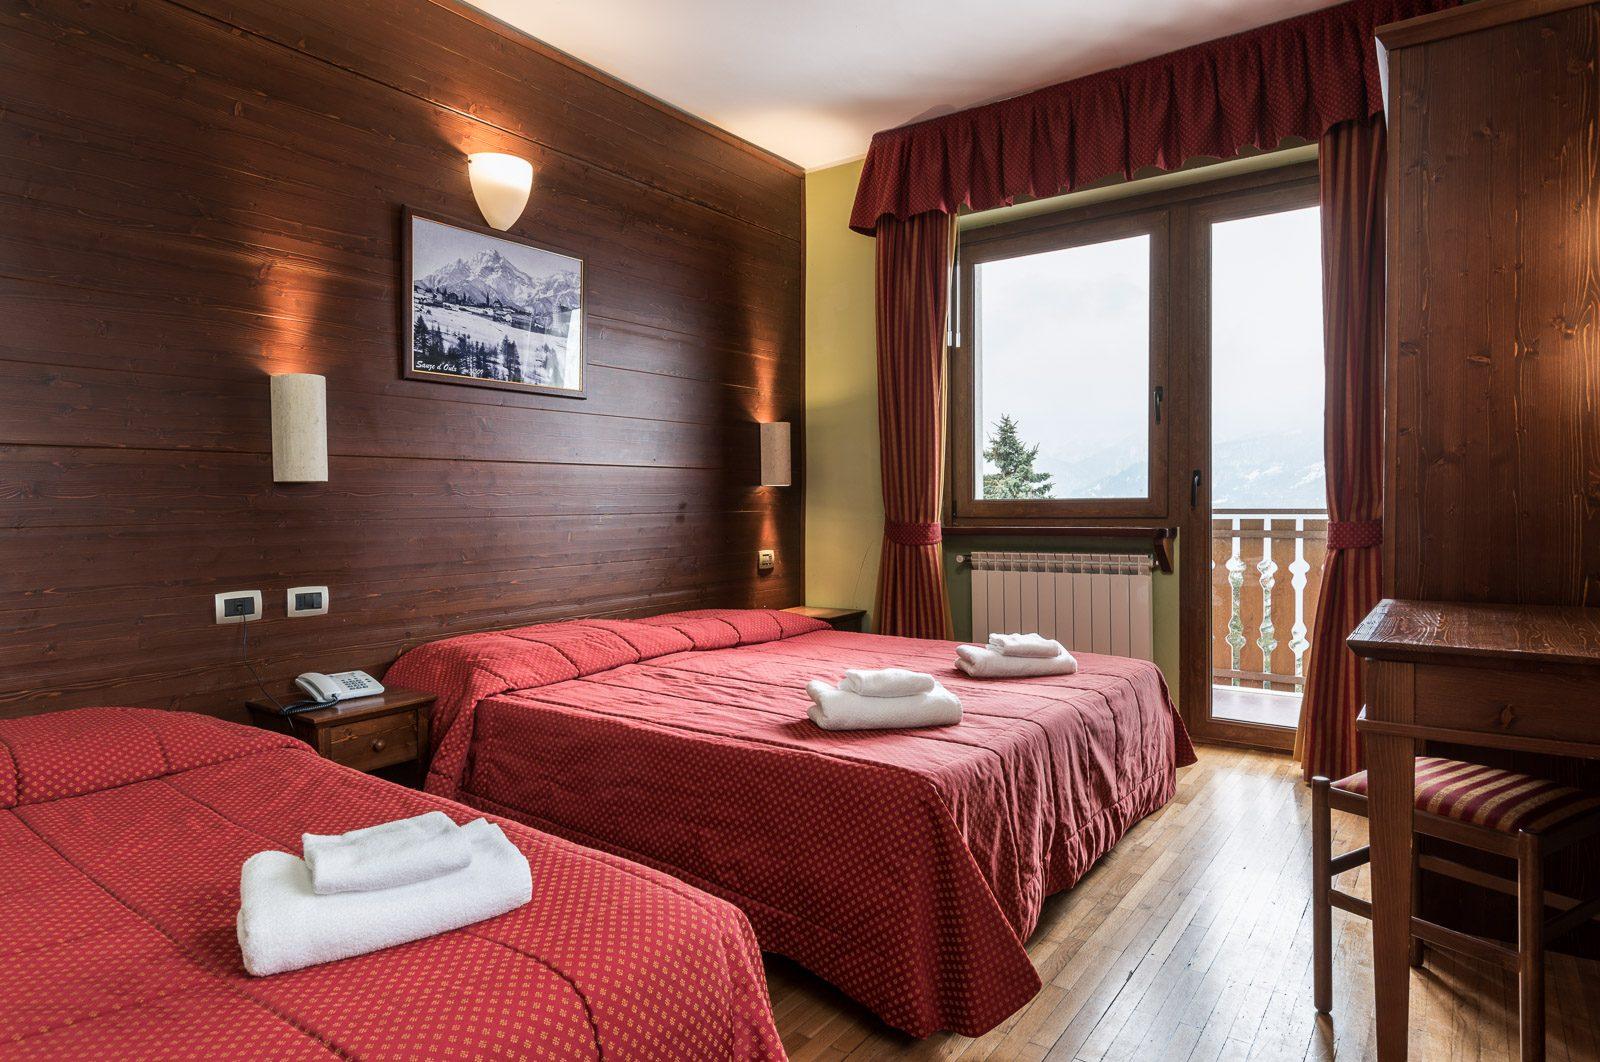 Hotel Miravalle, Sauze D'Oulx